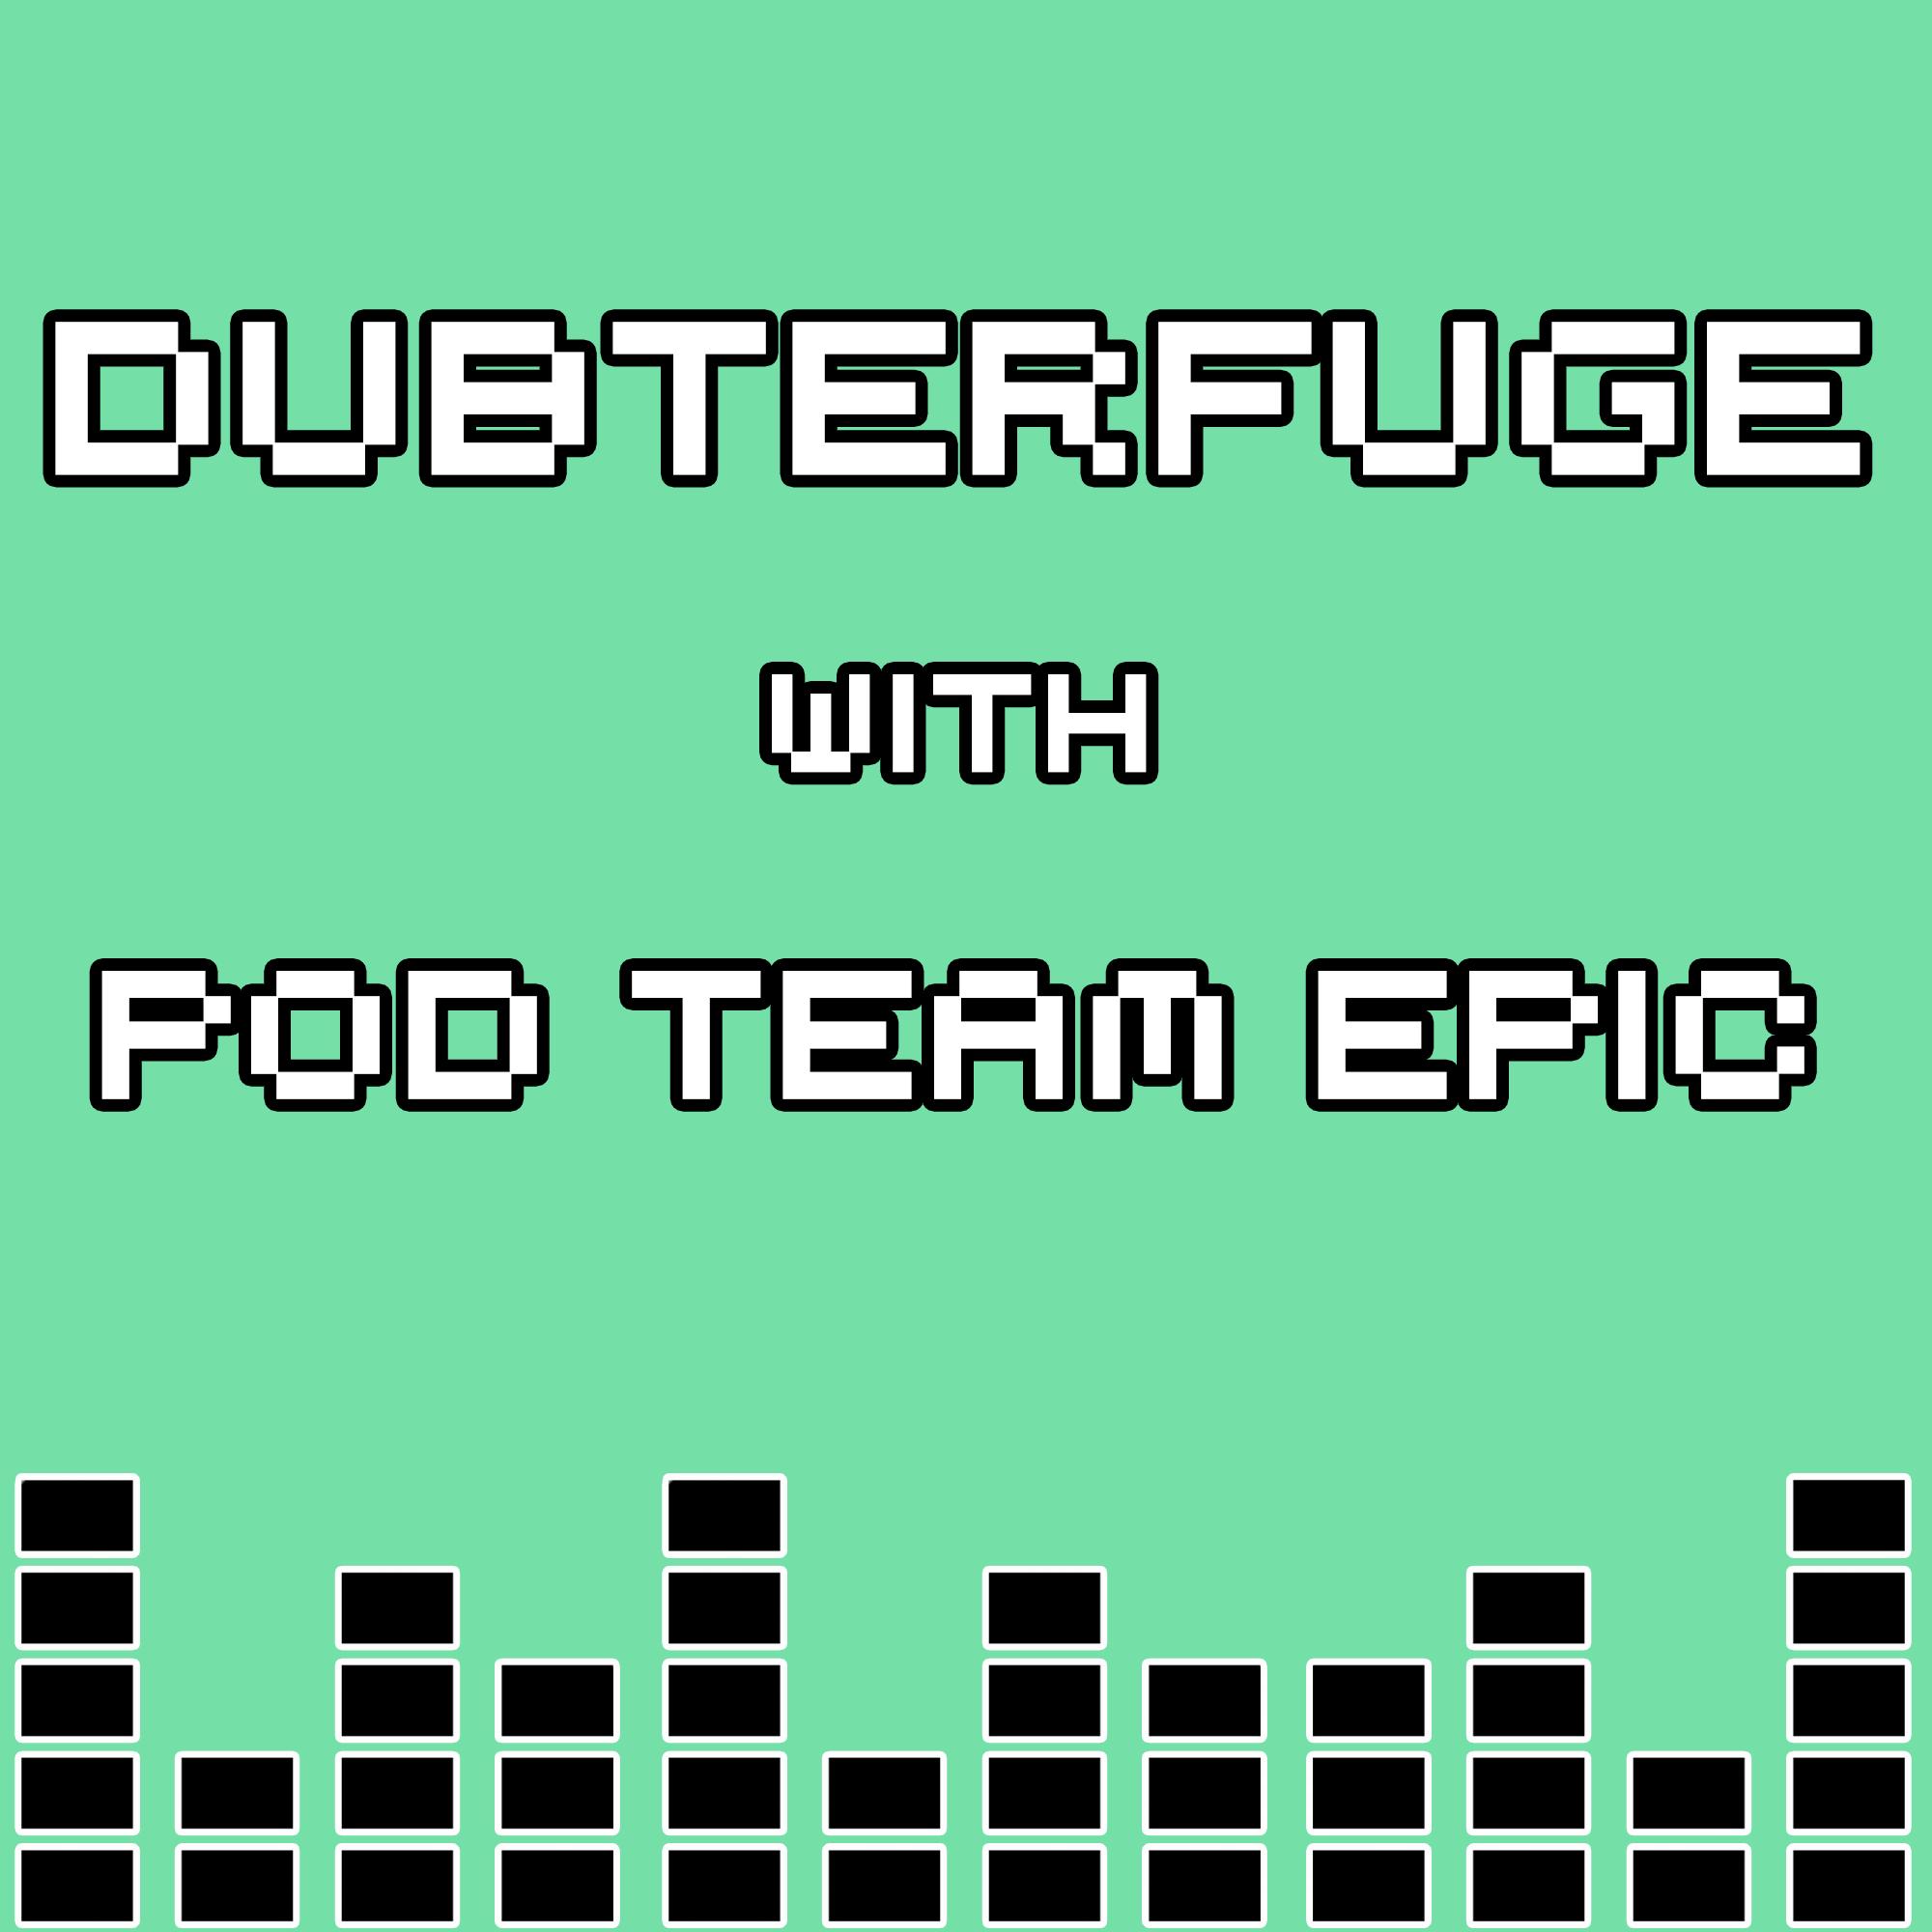 Dubterfuge